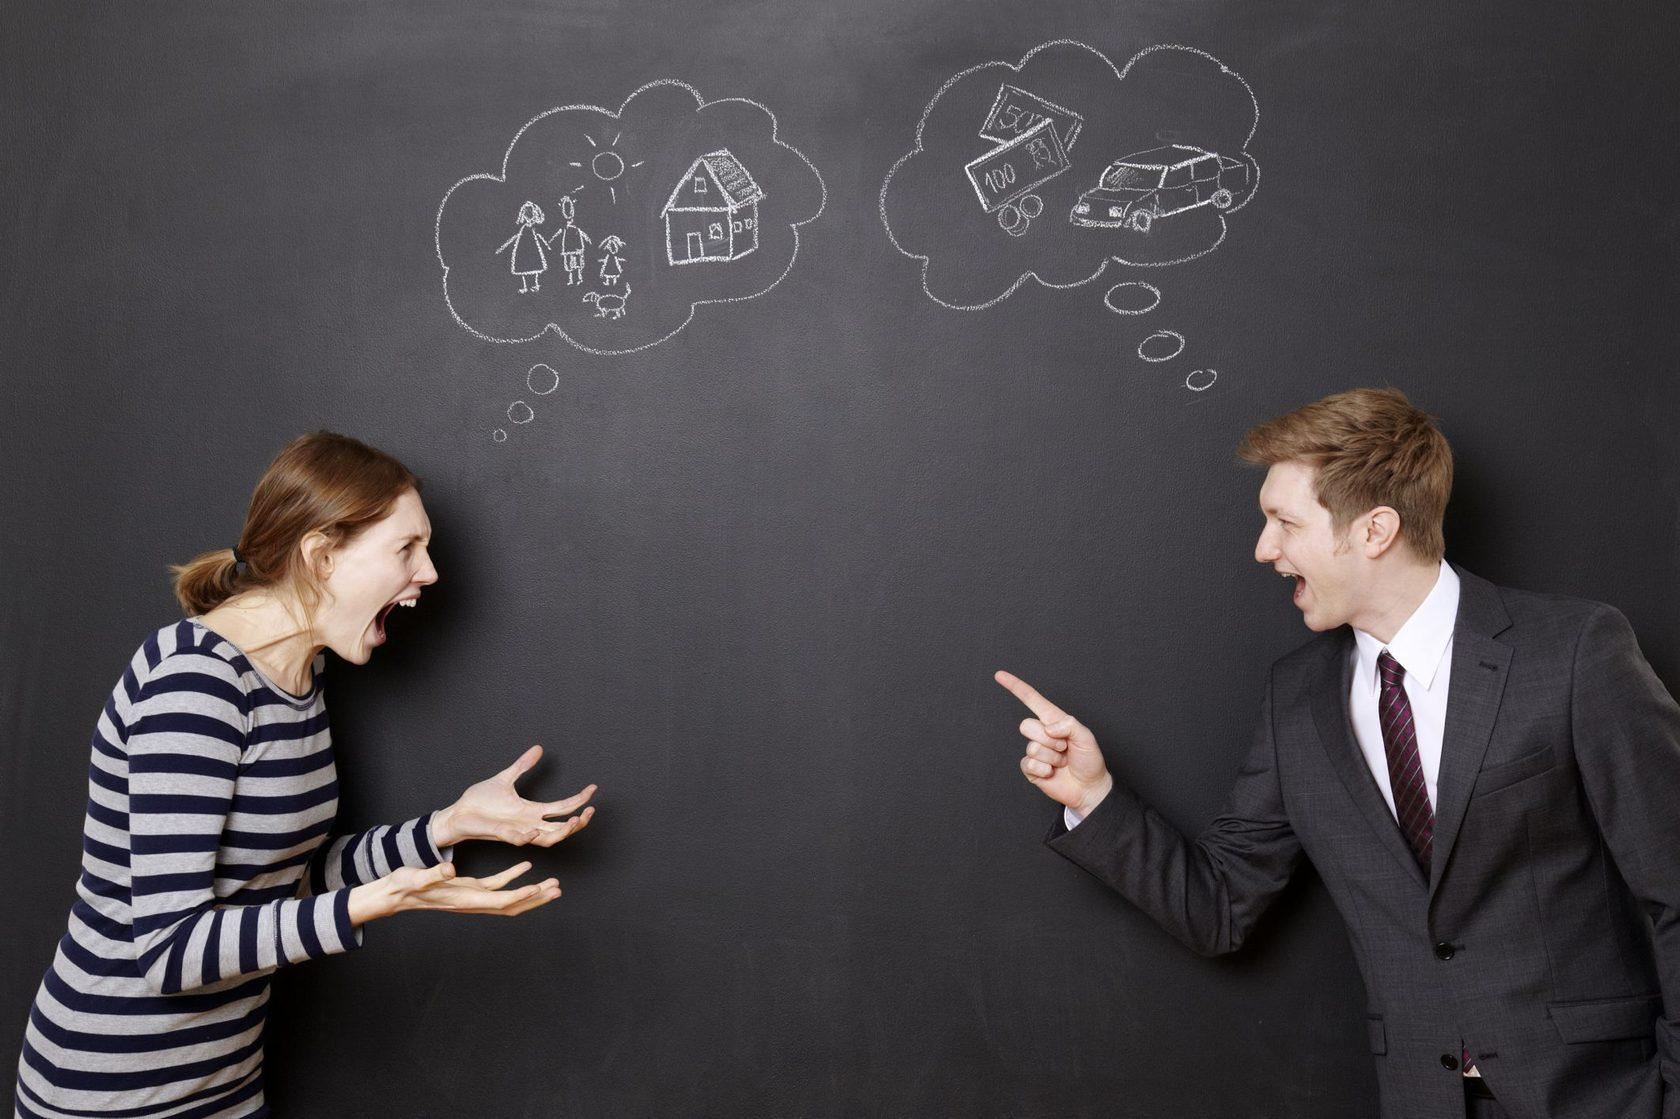 Решение конфликтов картинки для презентации